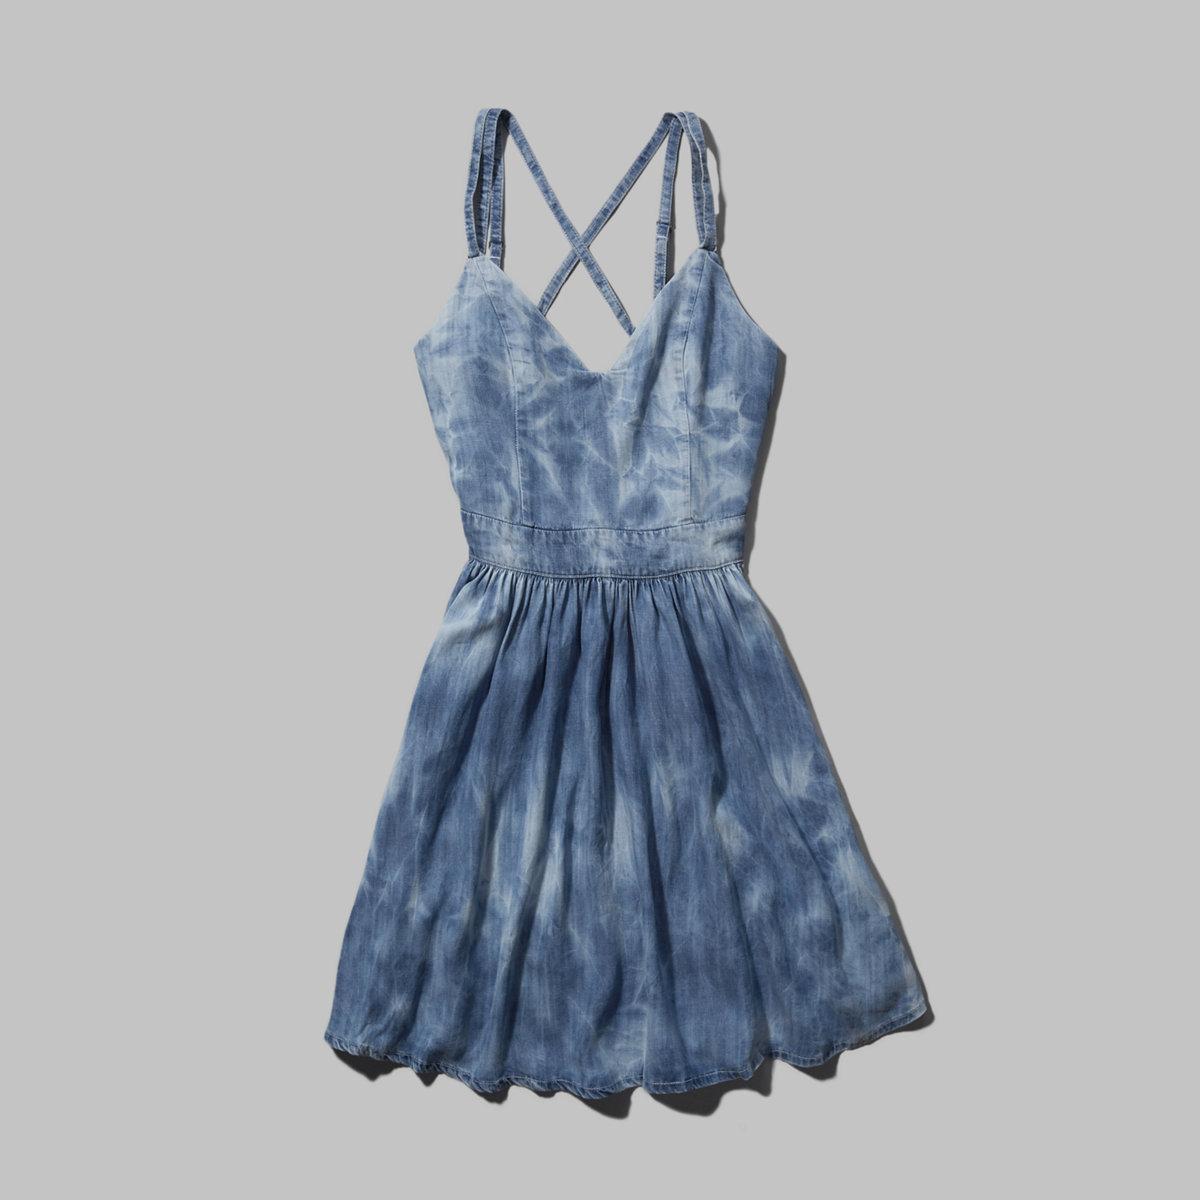 Brieann Dress